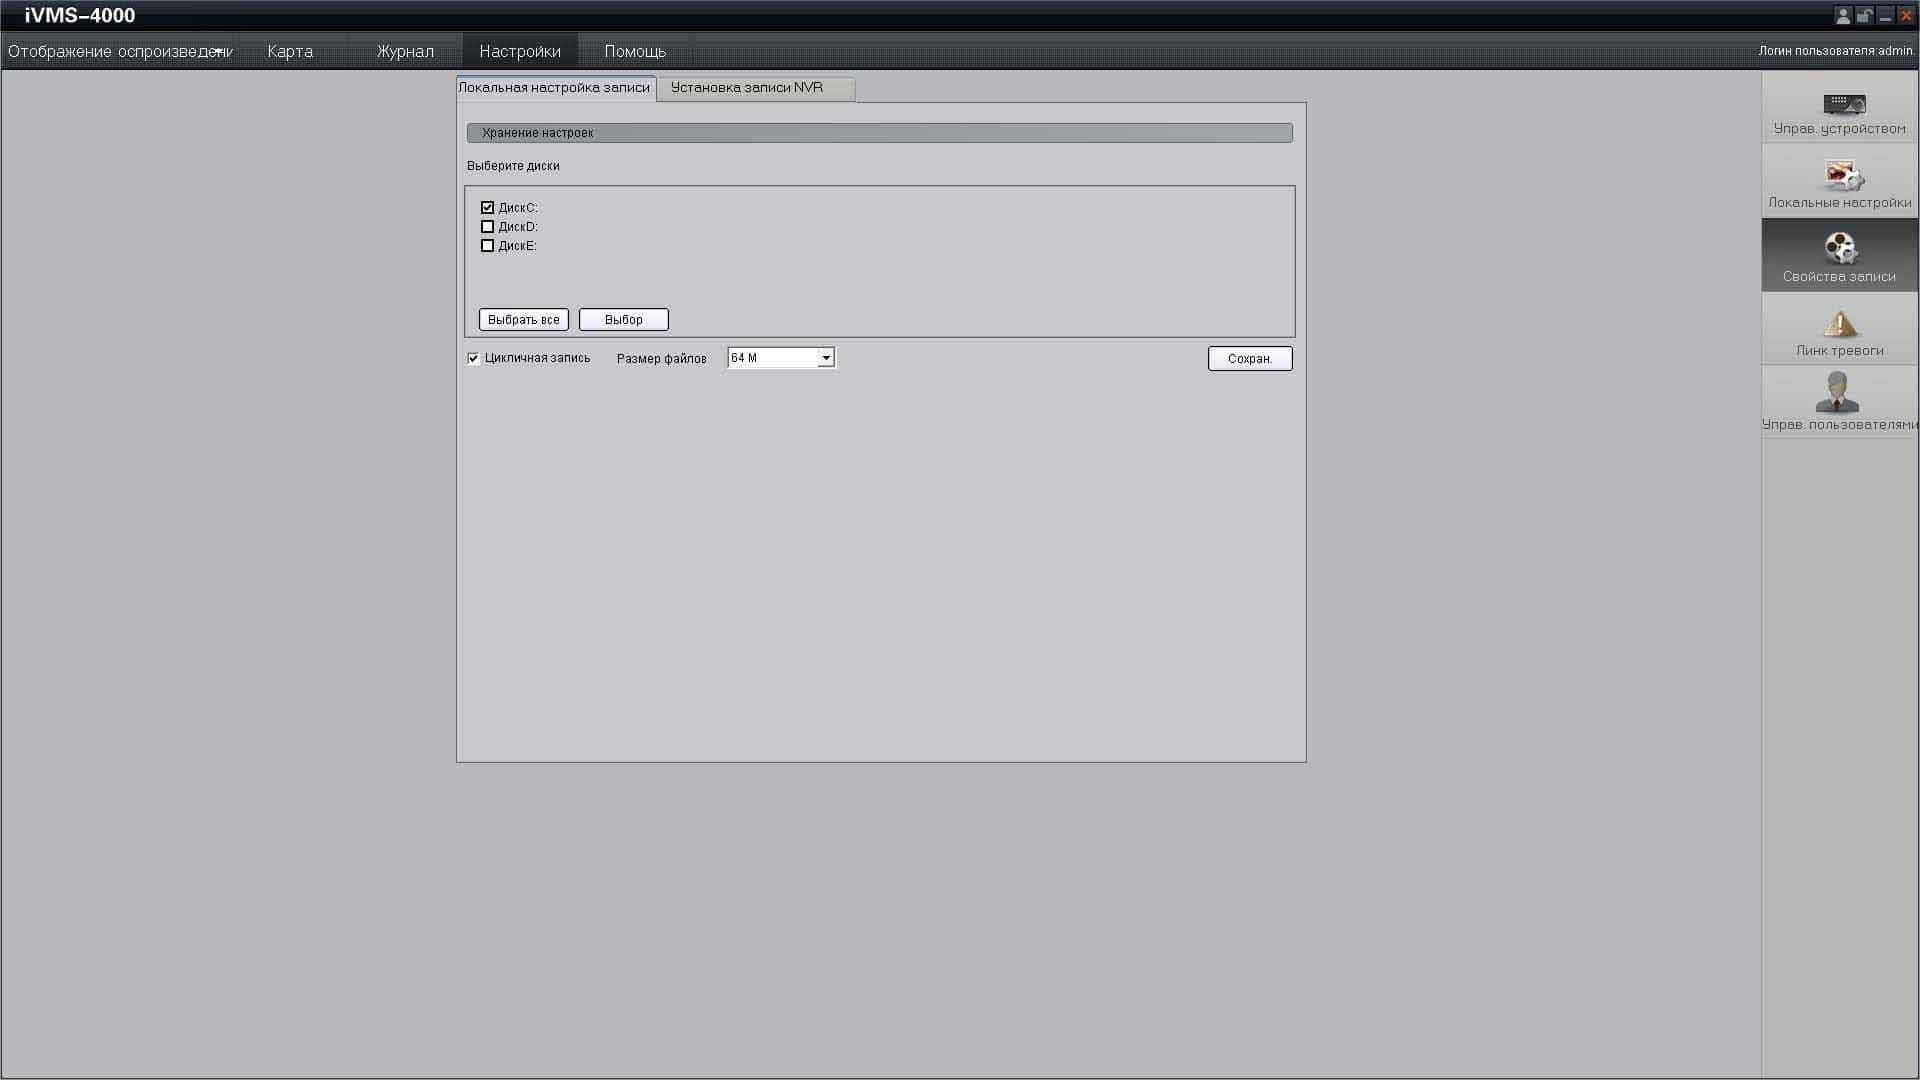 Настройка записи iVMS